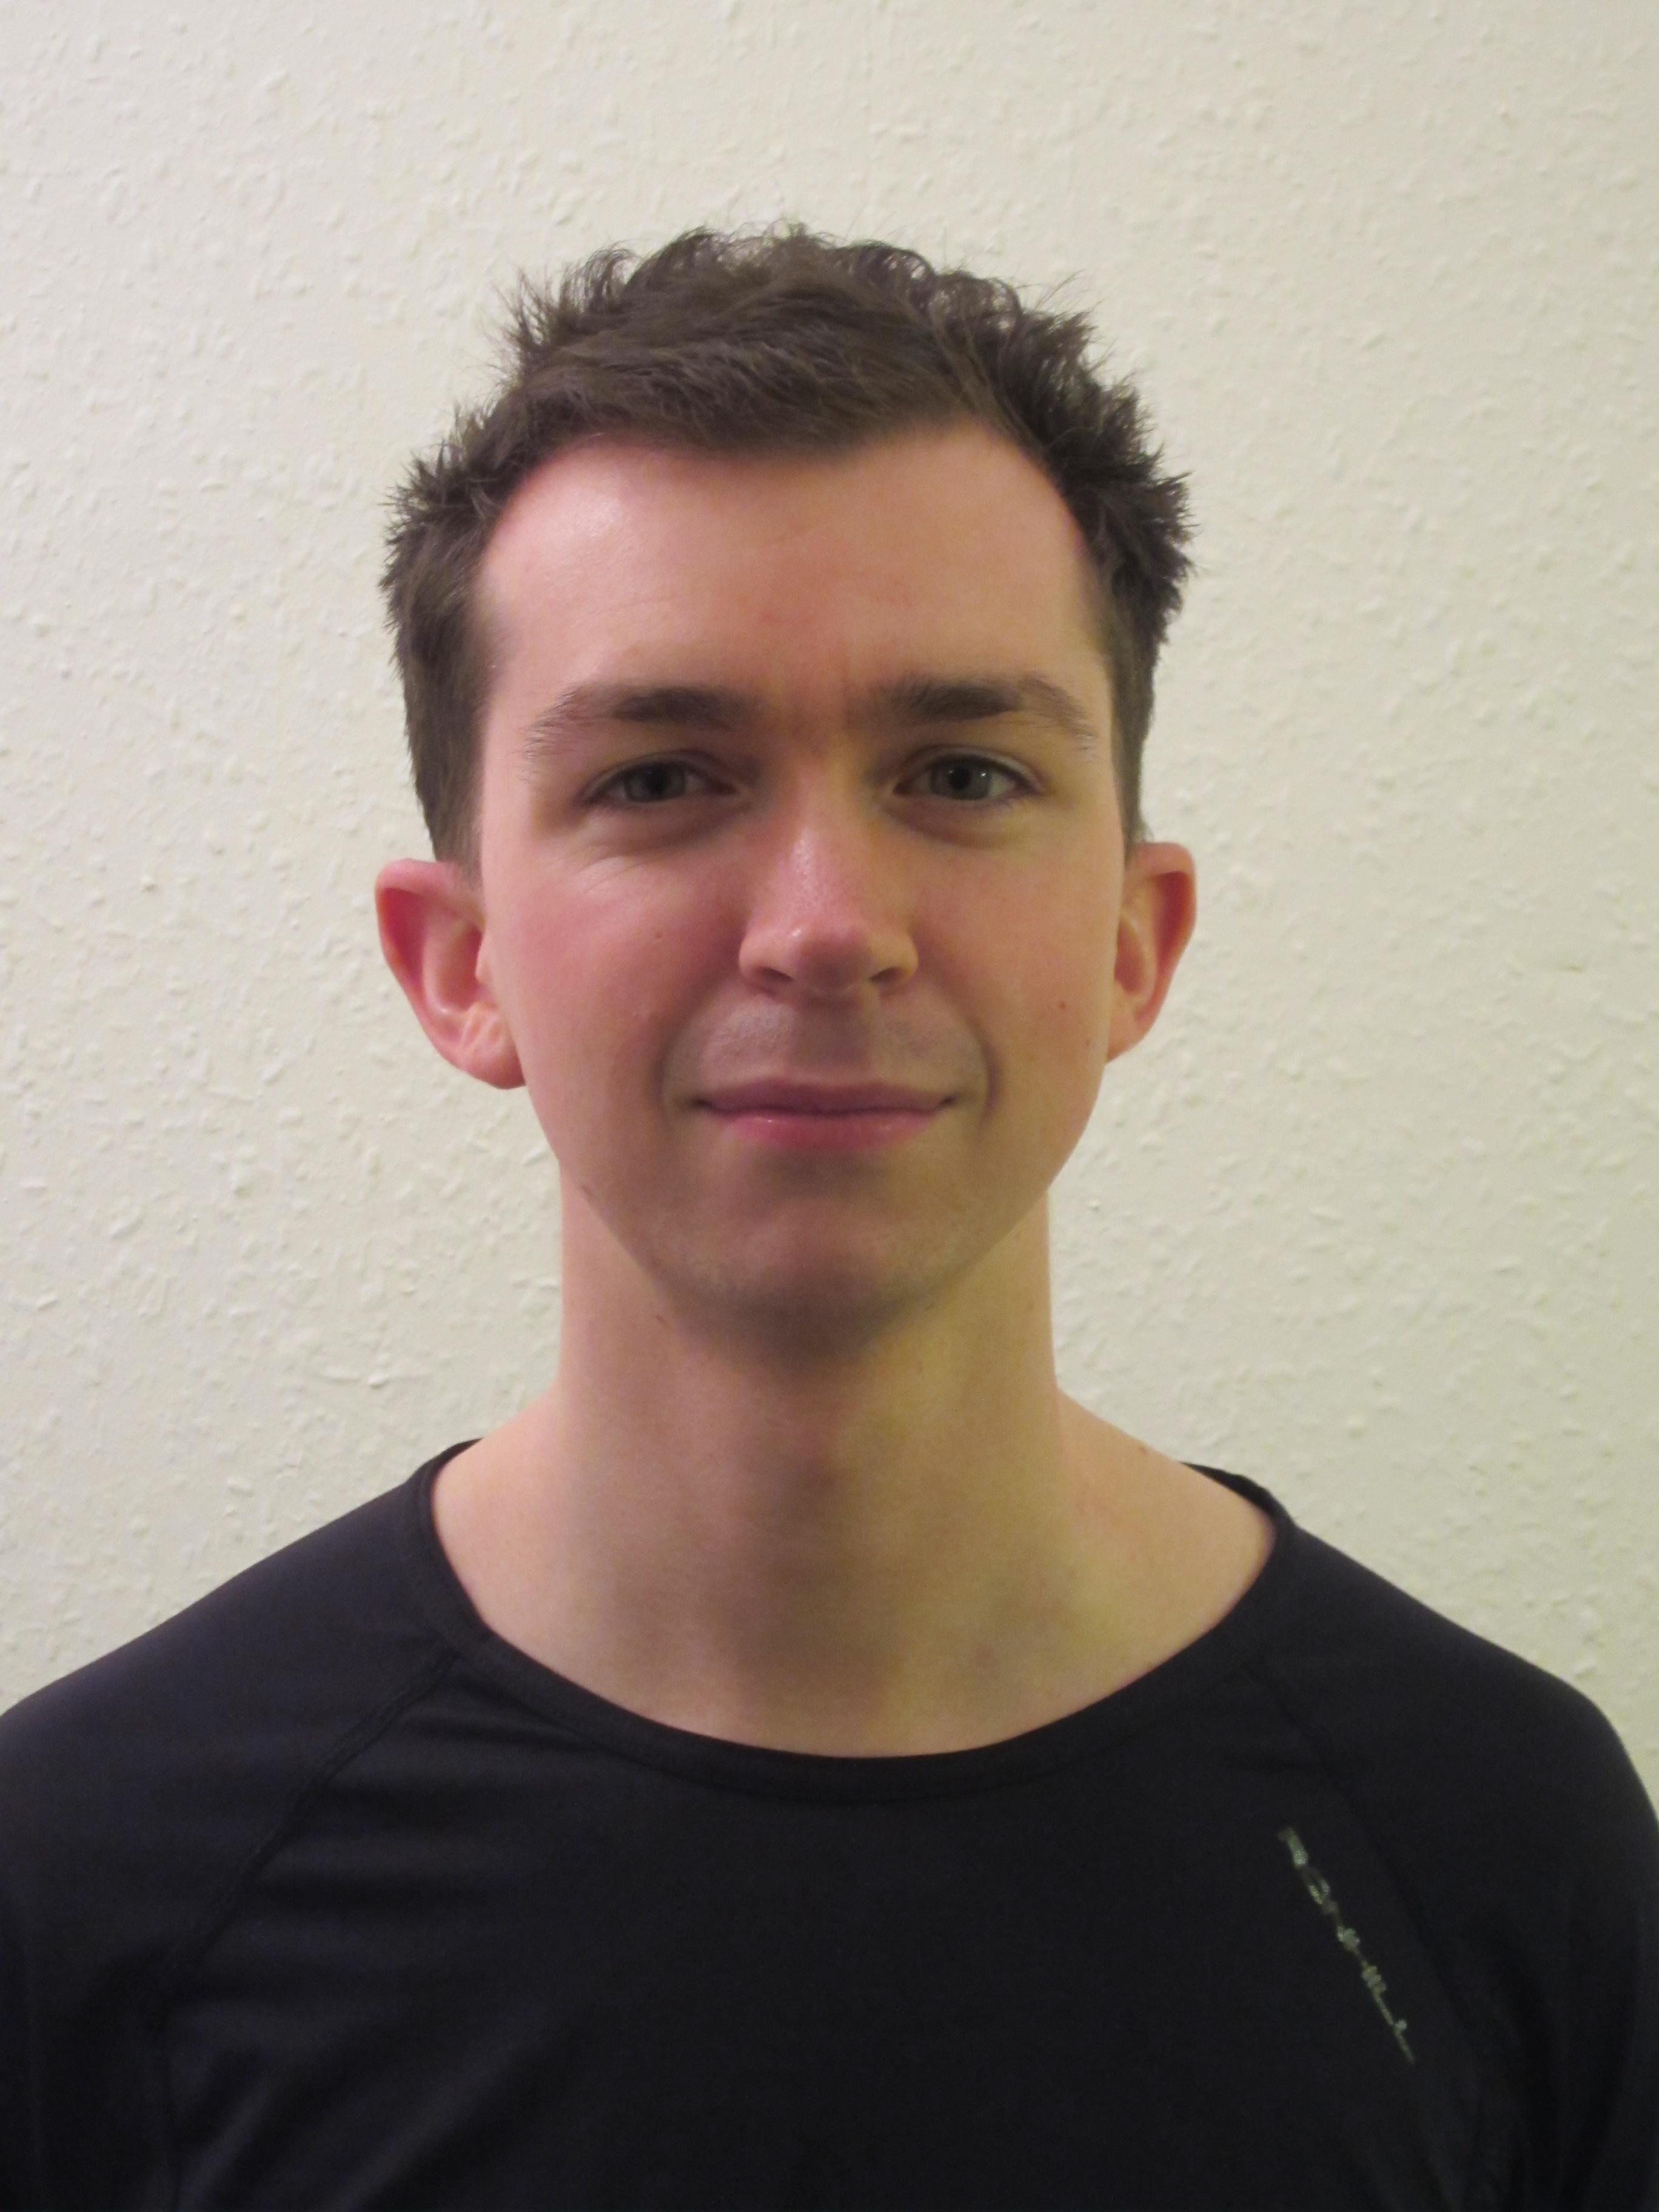 Ian Keyte